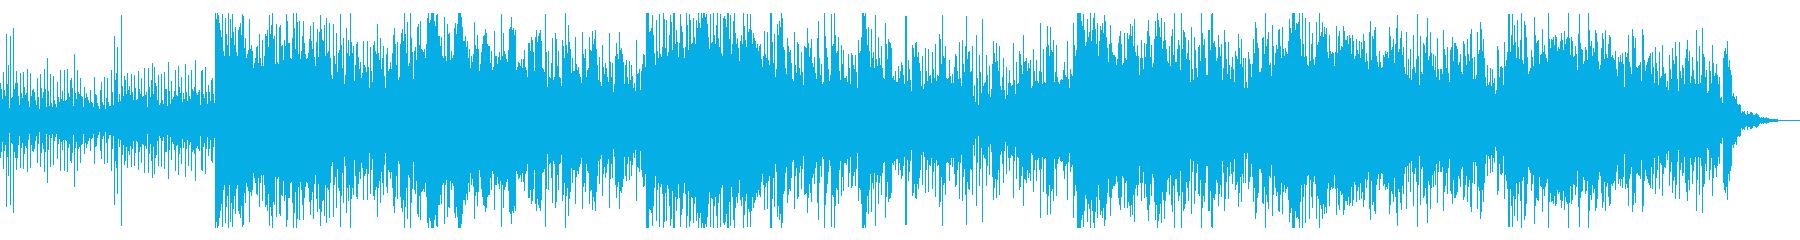 不思議で奇妙なサウンドスケープの再生済みの波形